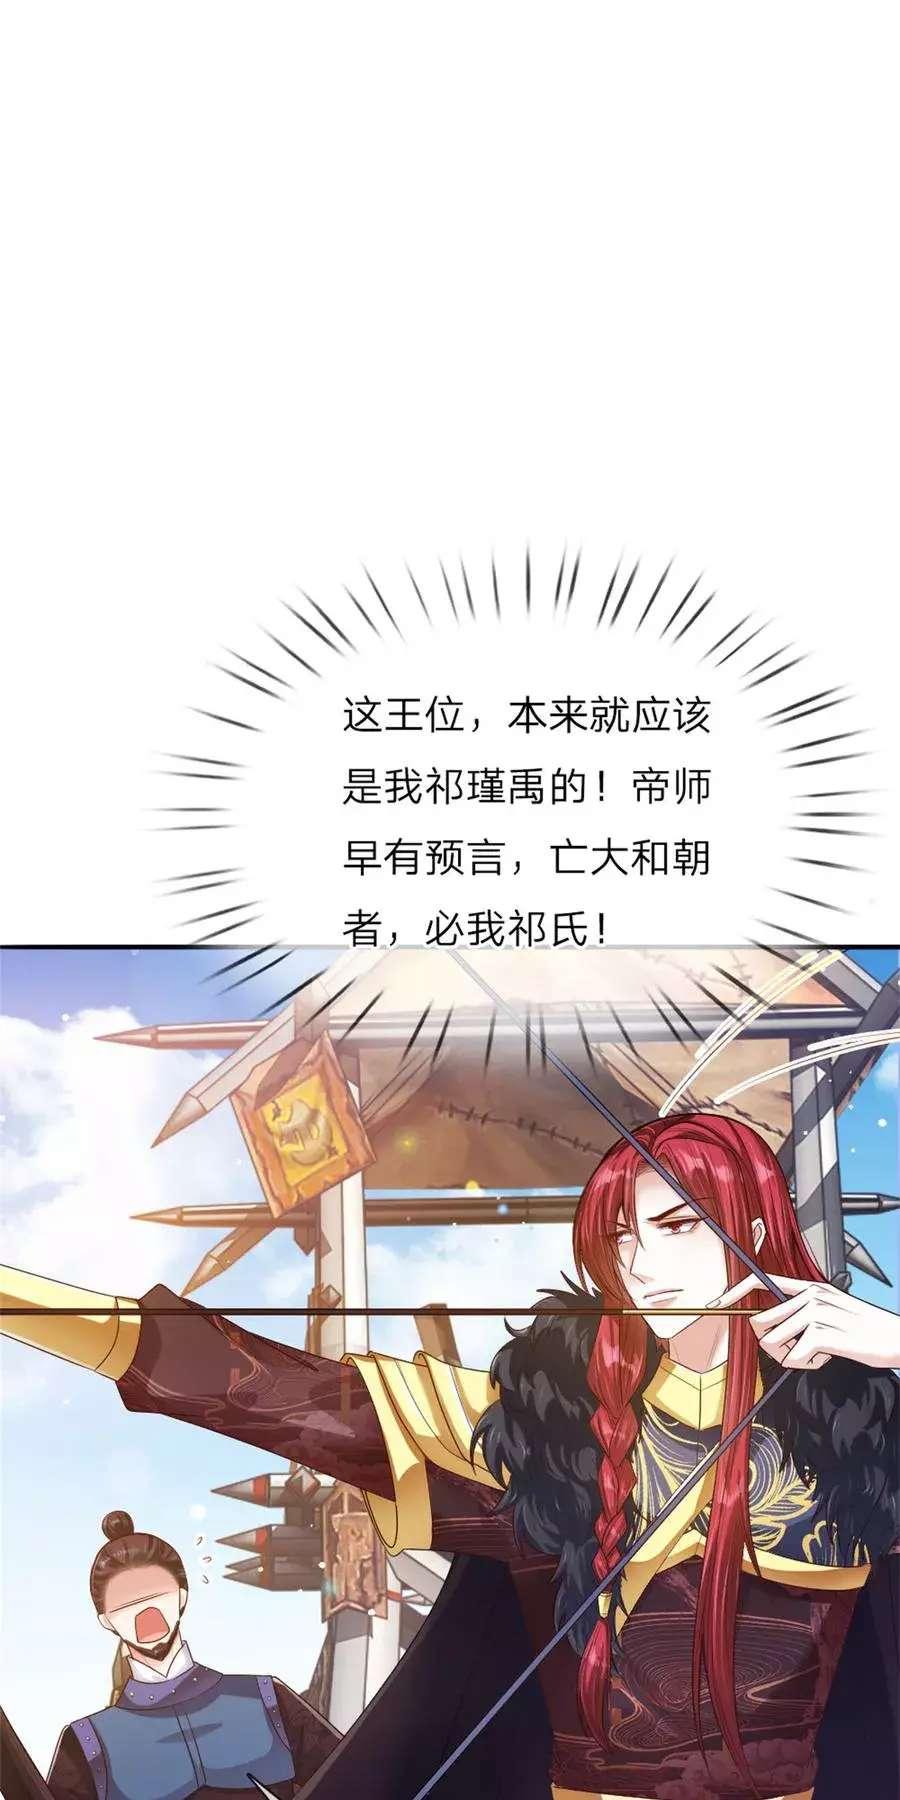 温柔暴君:摄政王爷太凶猛第37话  第36话 血祭 第 5